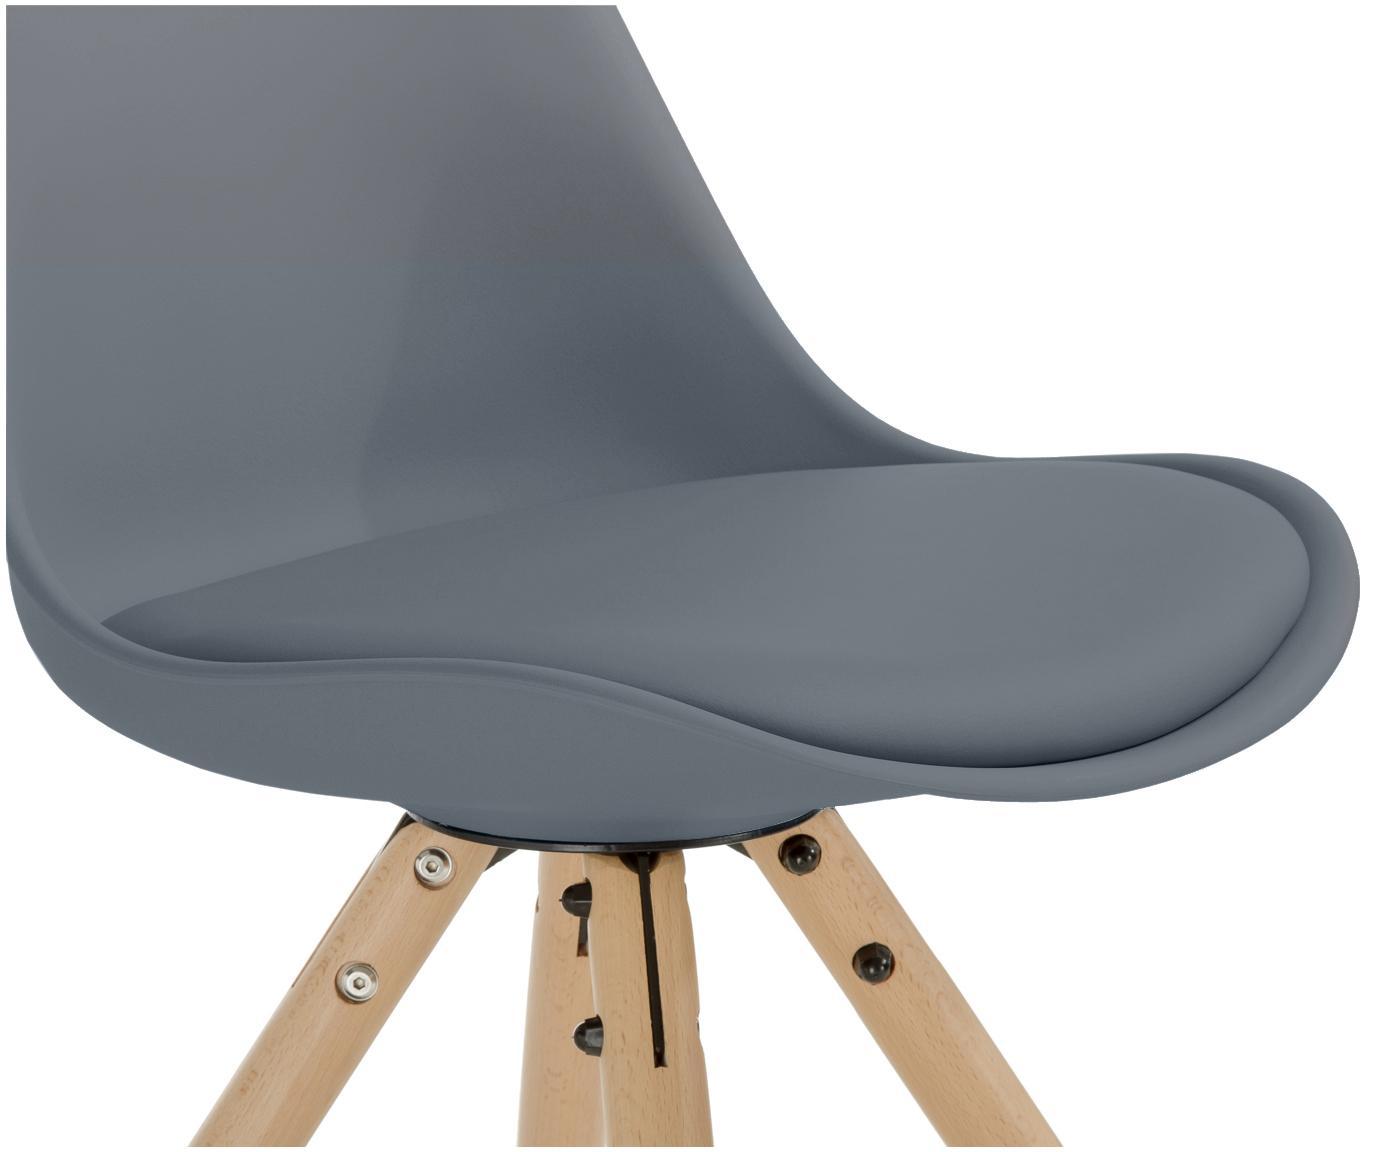 Sillas con asiento de cuero sintético Max, 2uds., Asiento: cuero sintético (poliuret, Asiento: plástico, Patas: madera de haya, Gris oscuro, An 46 x F 54 cm